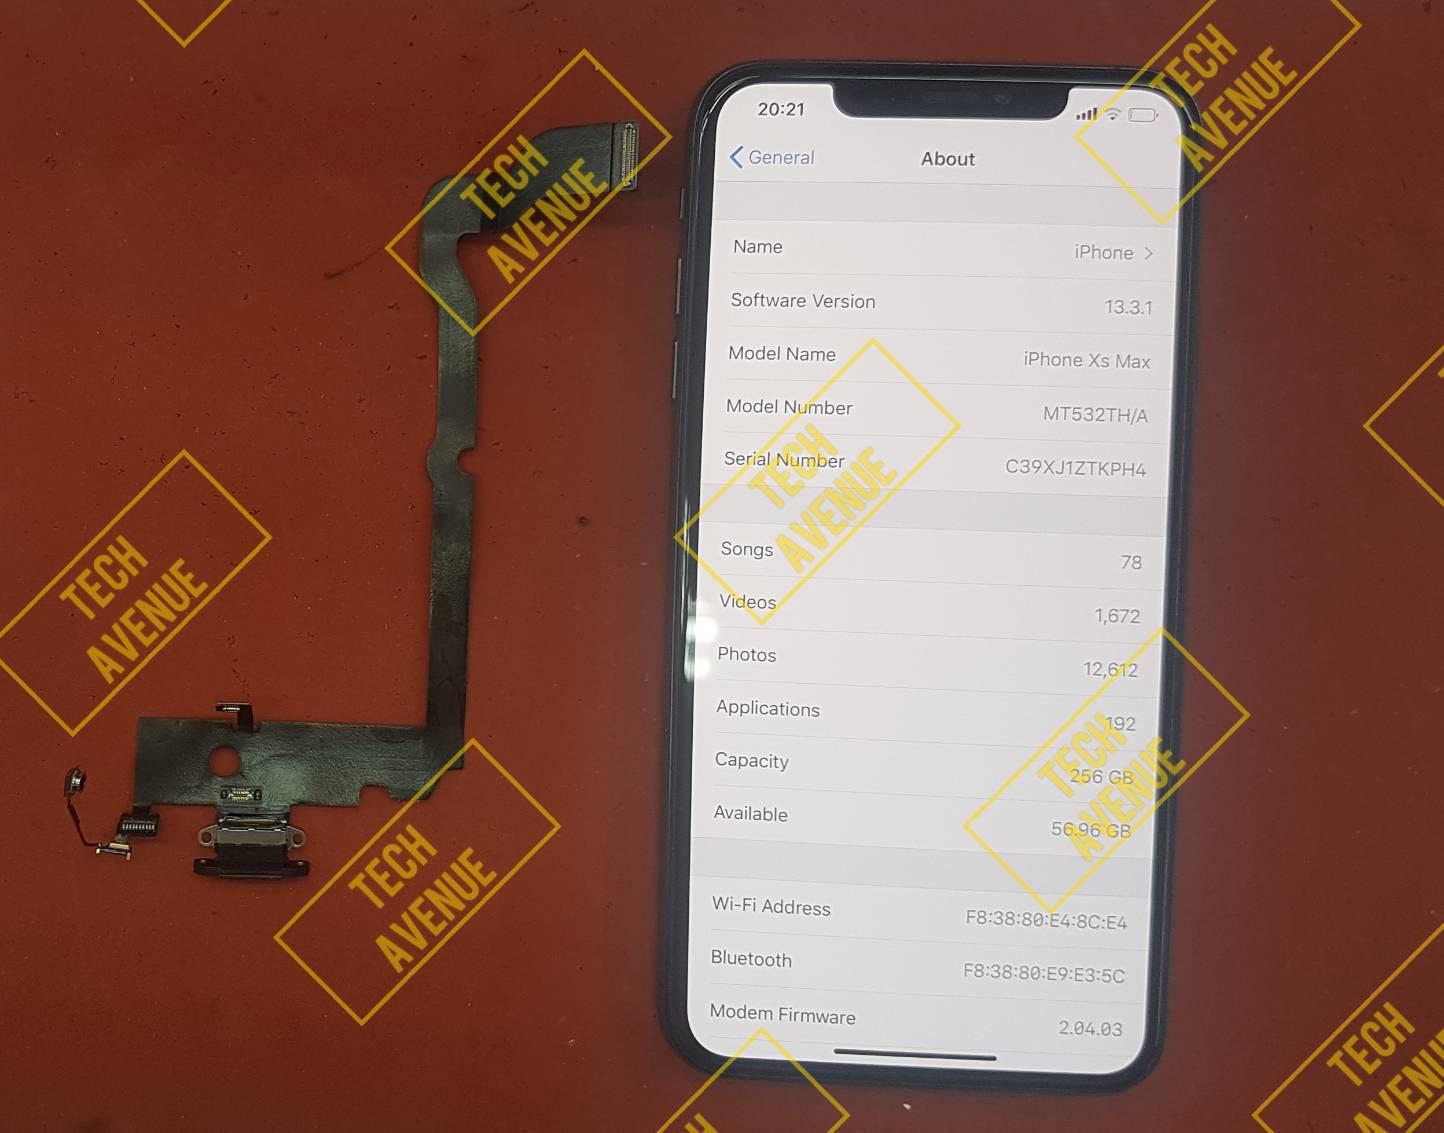 ร้านซ่อม โทรศัพท์มือถือ แถว บางกะปิ ที่ดีที่สุด